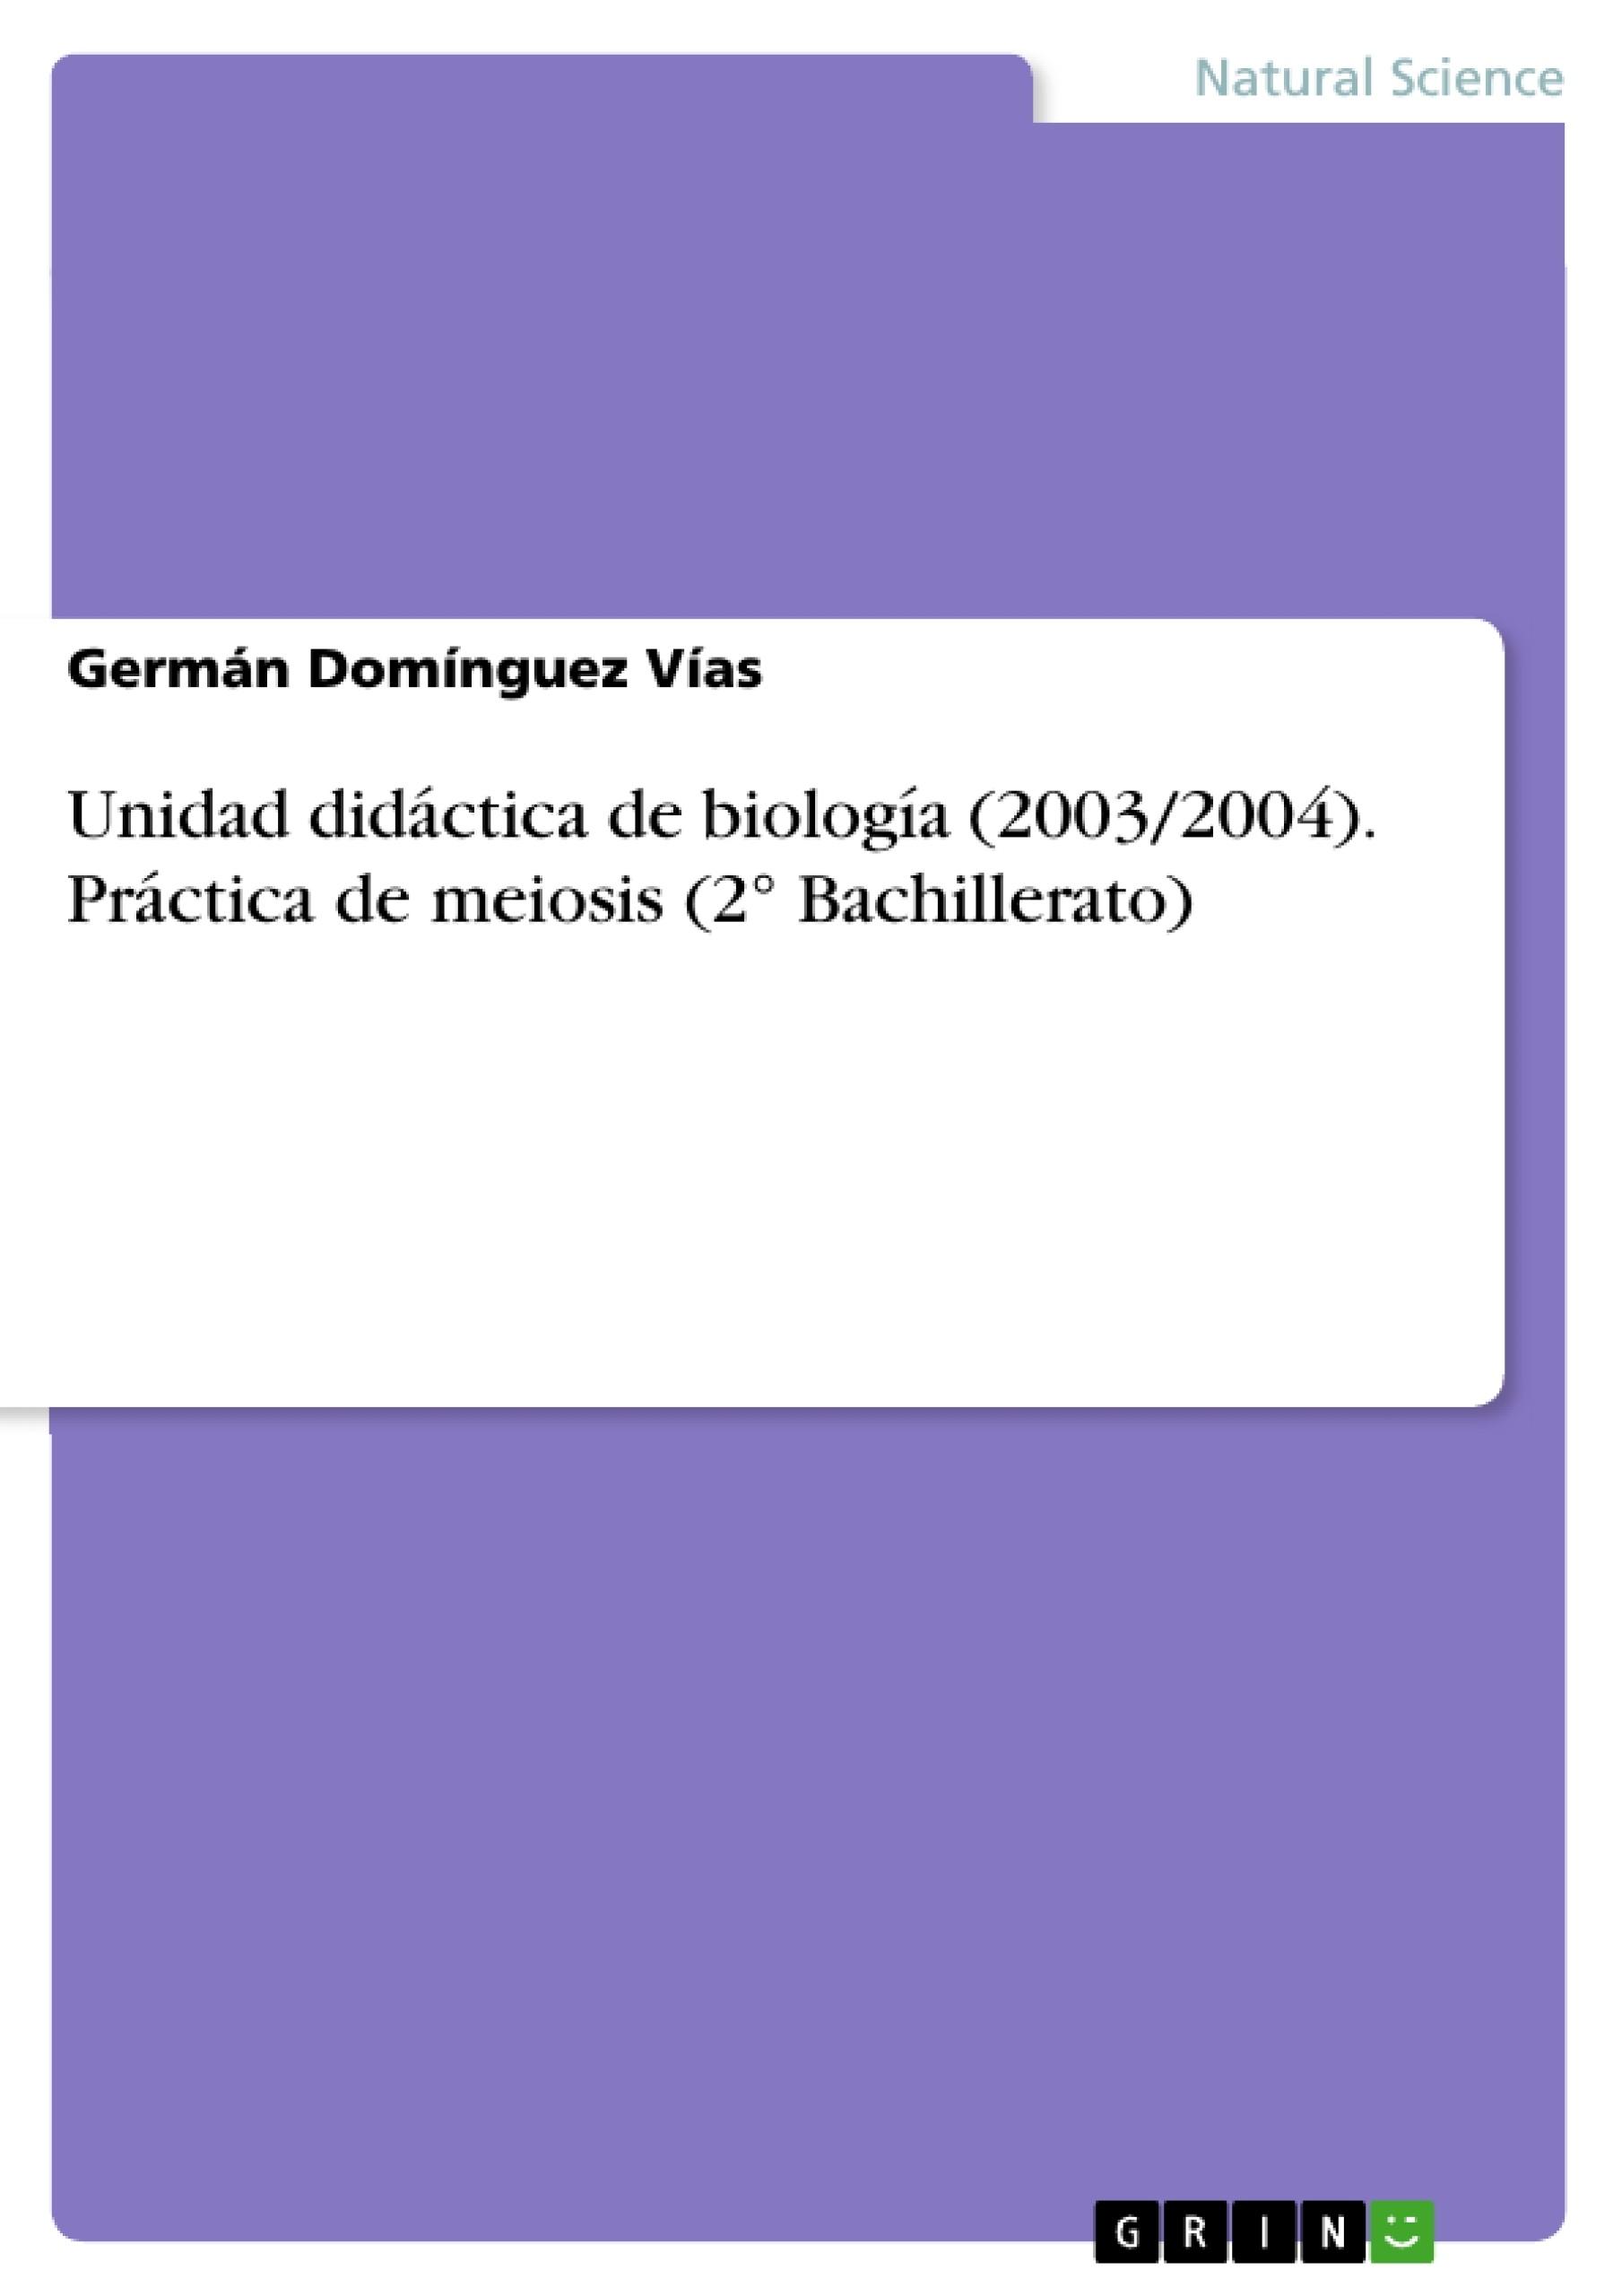 Título: Unidad didáctica de biología (2003/2004). Práctica de meiosis (2° Bachillerato)